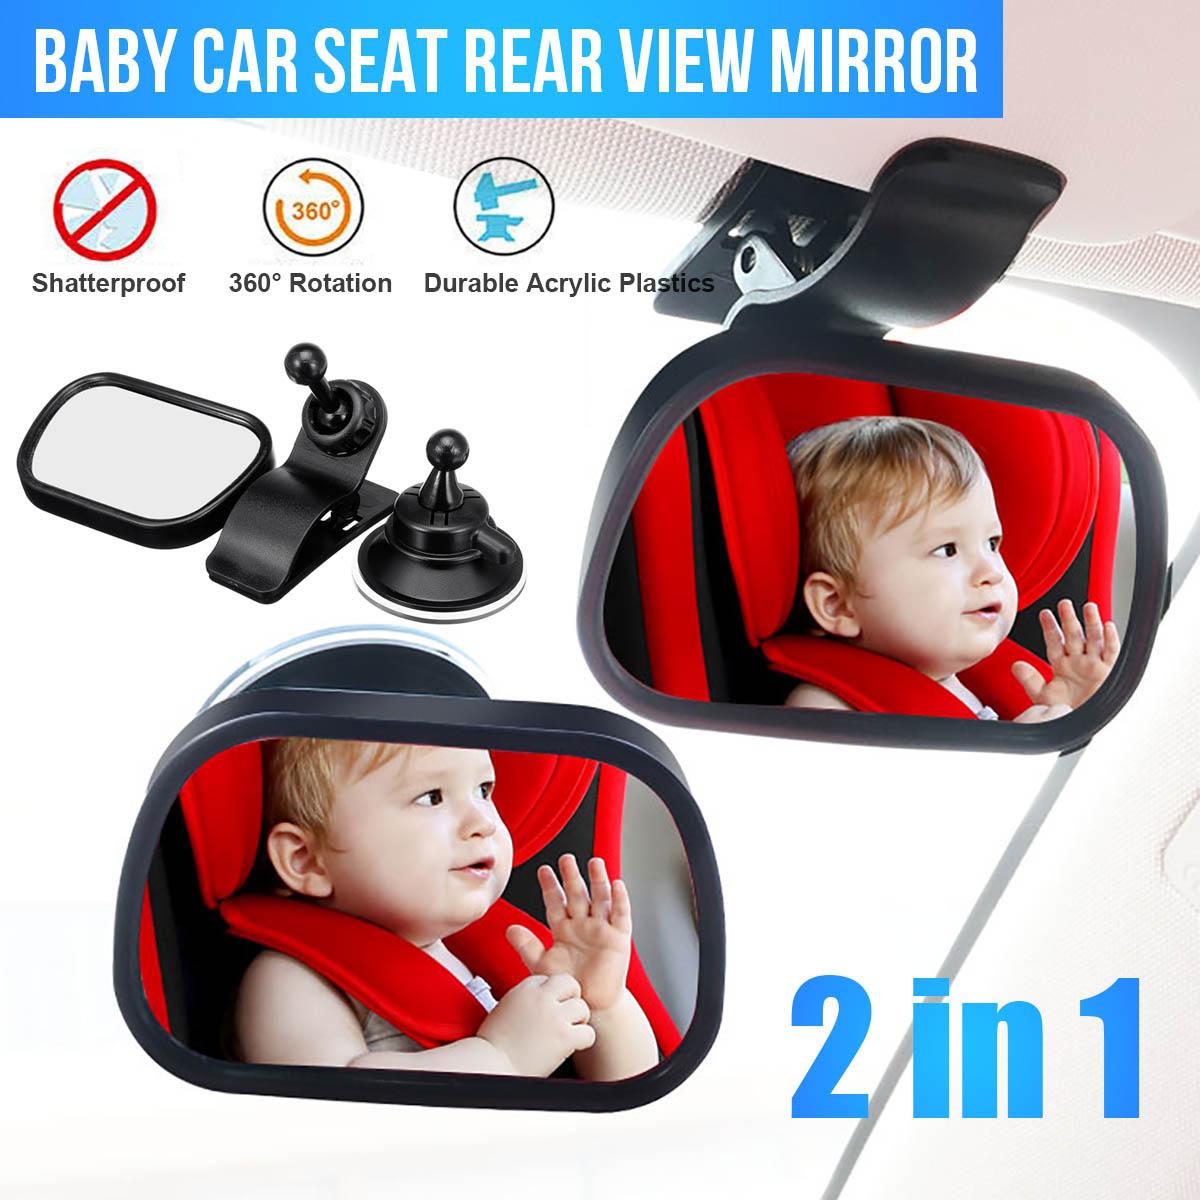 Miroir d'observation de bébé enfant de rétroviseur de siège de sécurité de voiture avec l'agrafe de miroir de ventouse